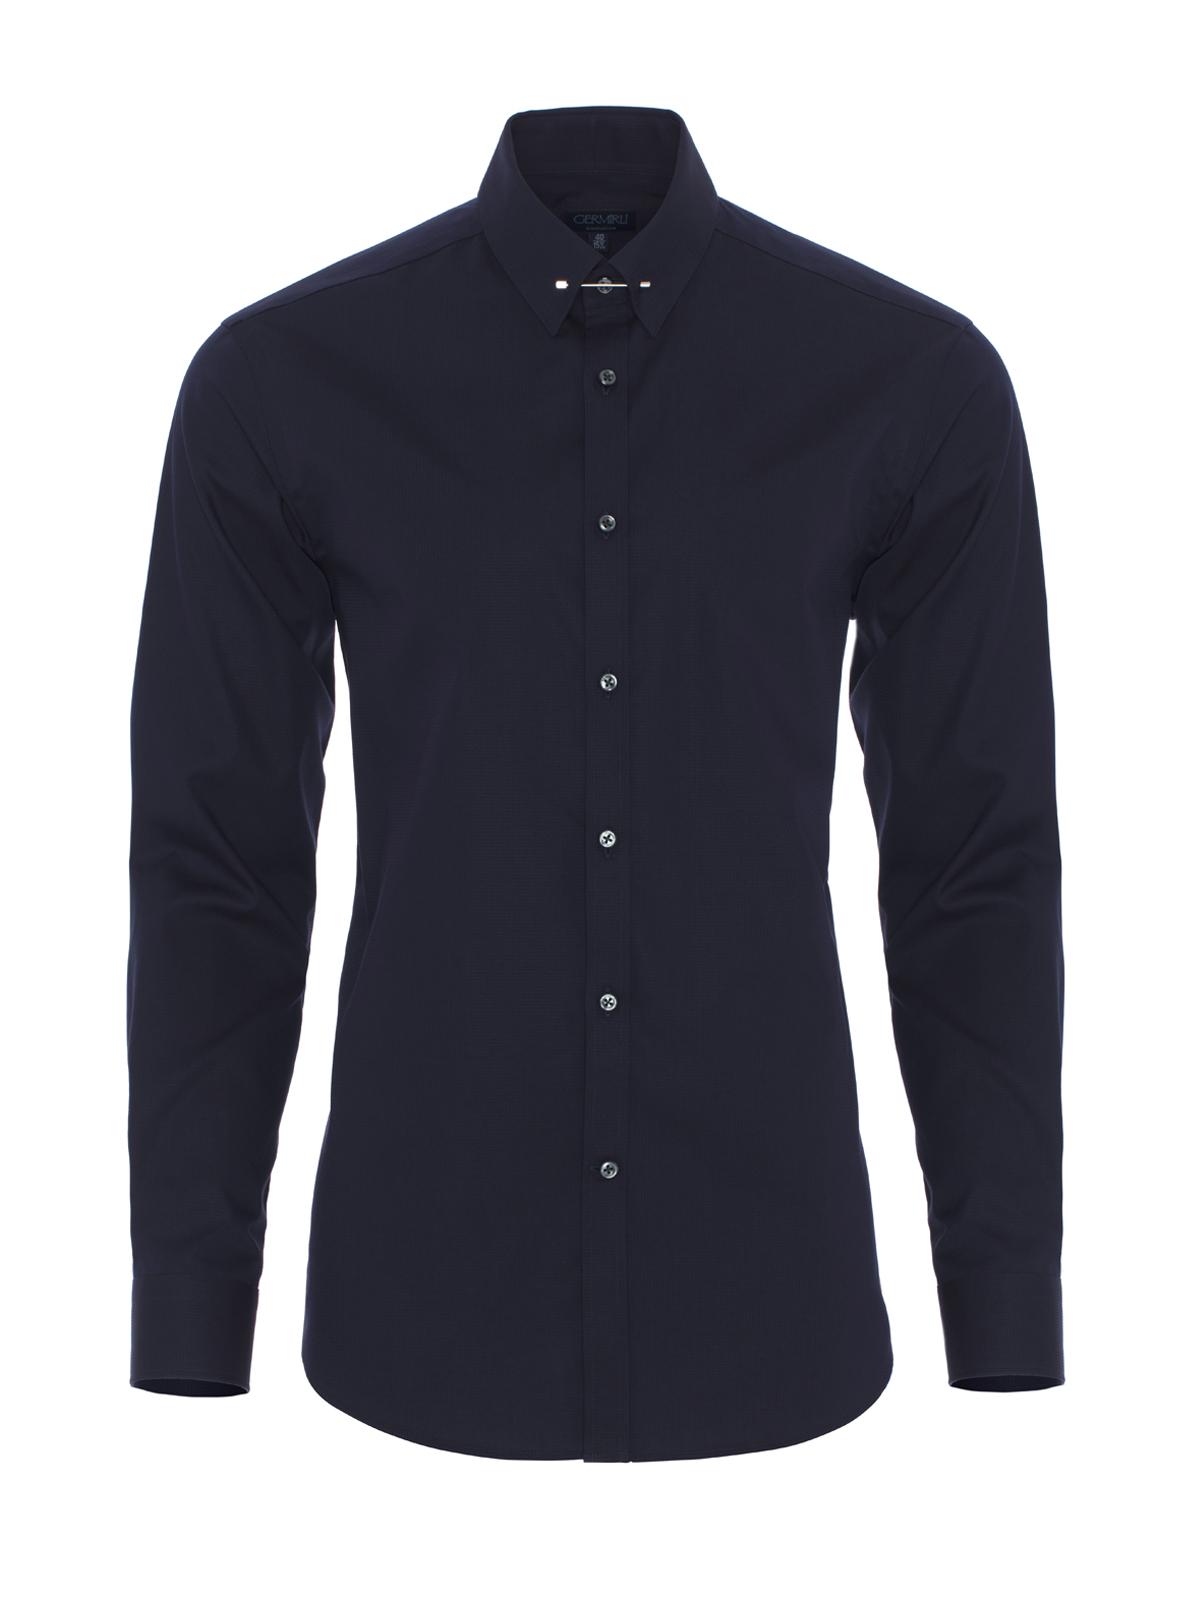 Germirli Lacivert İğneli Yaka Tailor Fit Gömlek